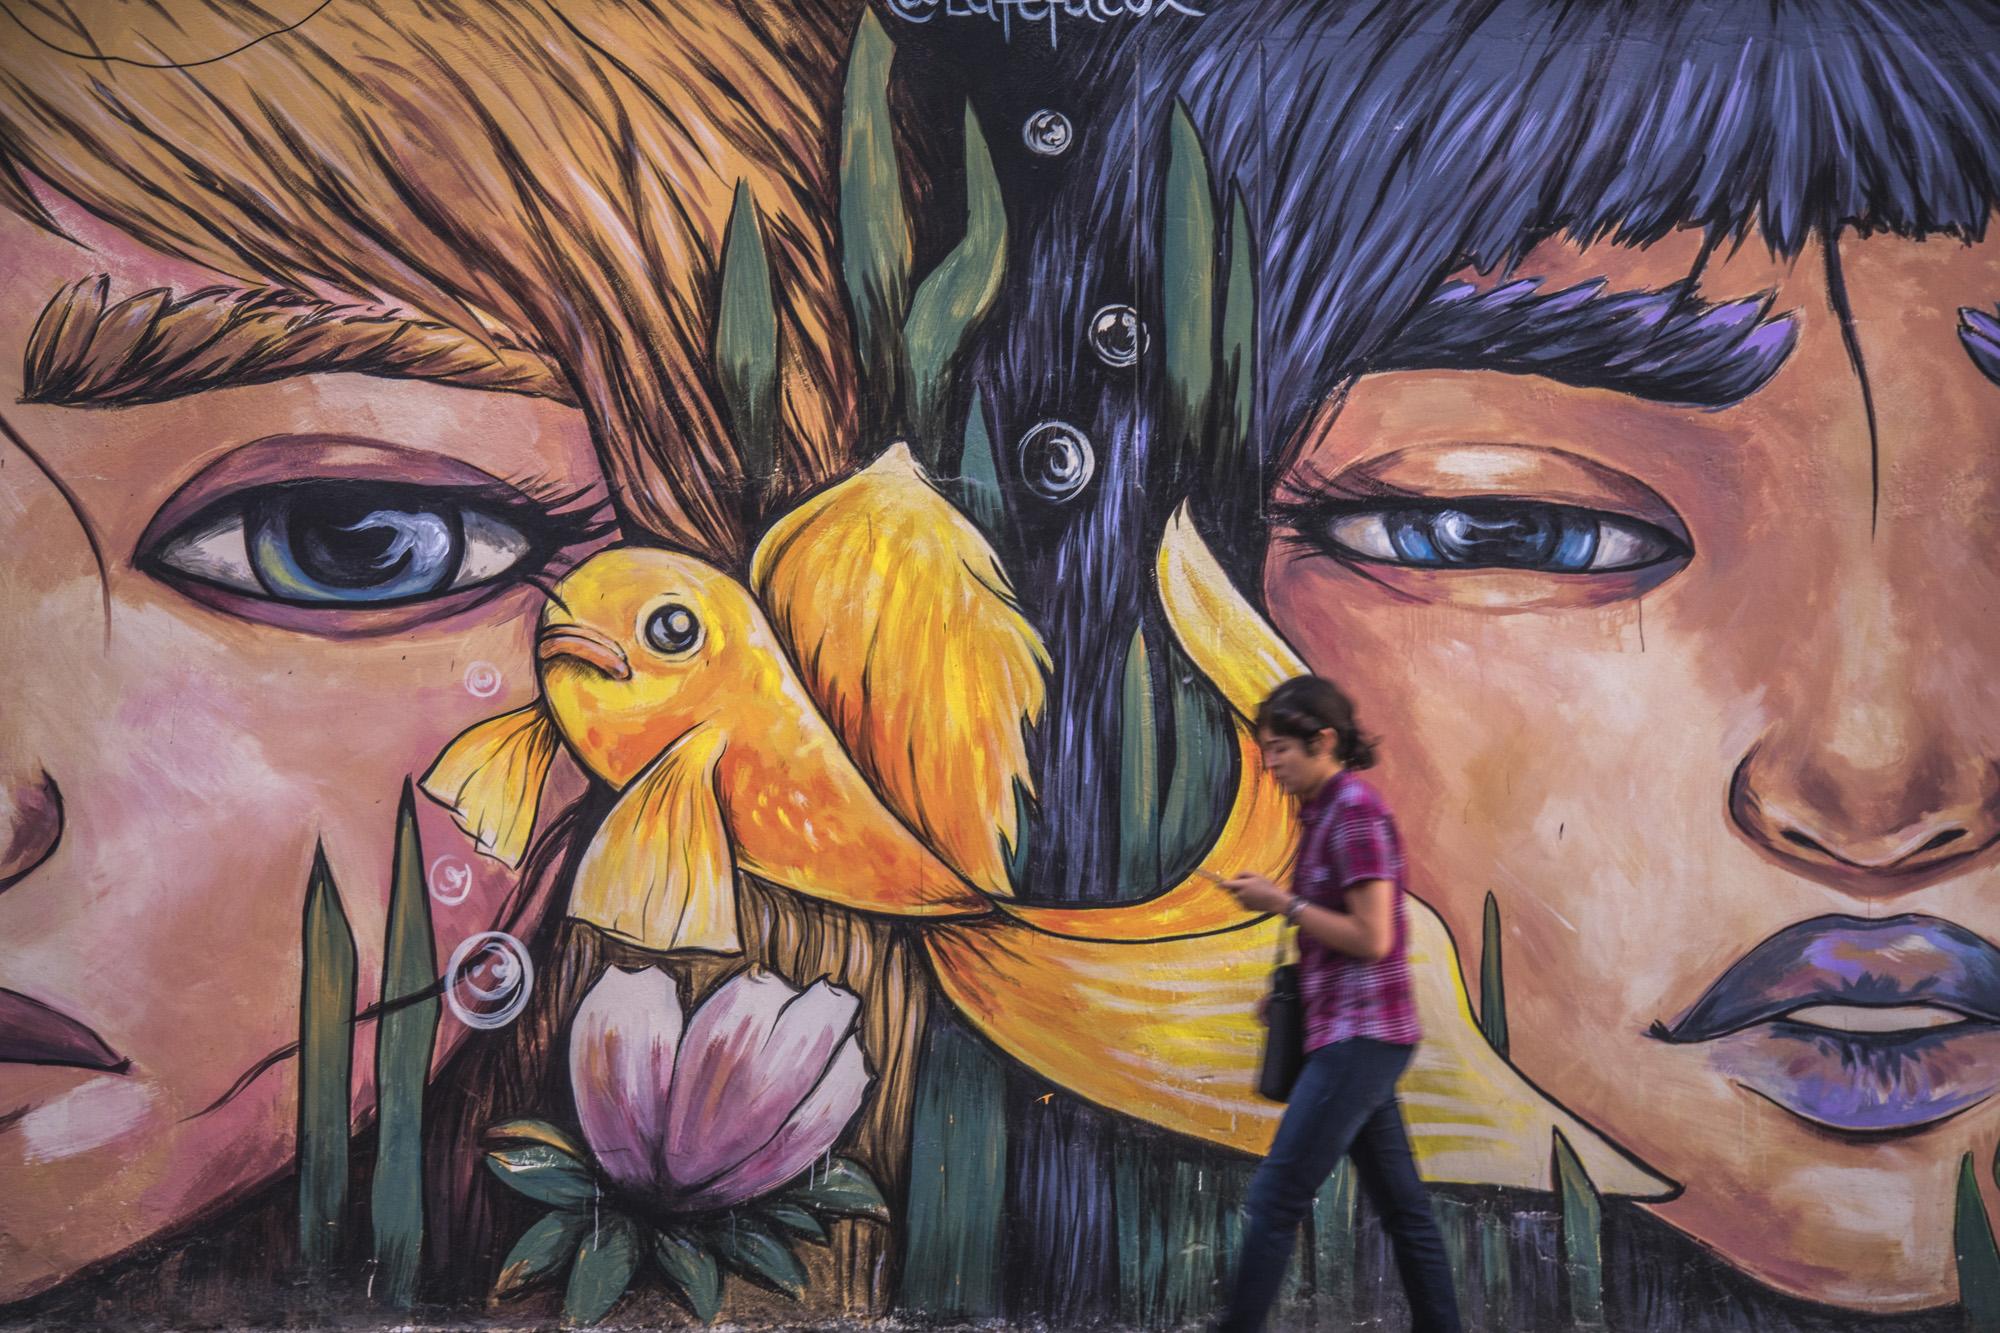 Peru, Lima, Miraflores Viertel, Graffiti, Street Design, Boutique,  Street Art, Gesichter, Portrait, Strasseszene, Südamerika  Engl.: Peru, Lima, Miraflores Viertel, Graffiti, Street Design, Boutique,  Street Art, Gesichter, Portrait, Strasseszene, Südamerika